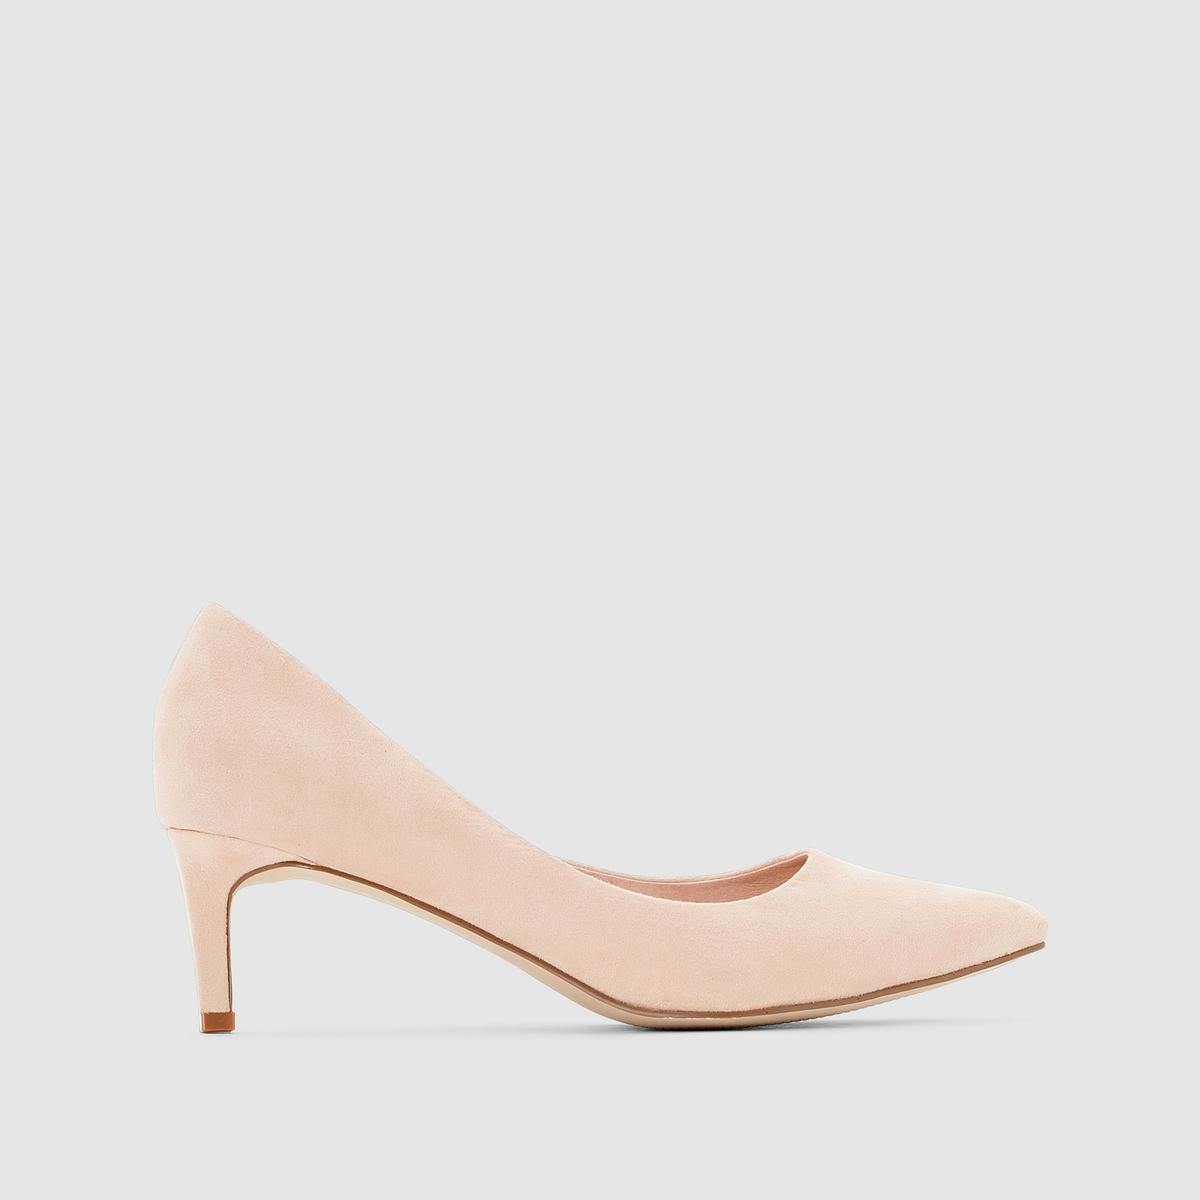 Туфли на низком каблукеИх + : Невысокий каблук, изысканные и удобные !<br><br>Цвет: бежевый<br>Размер: 37